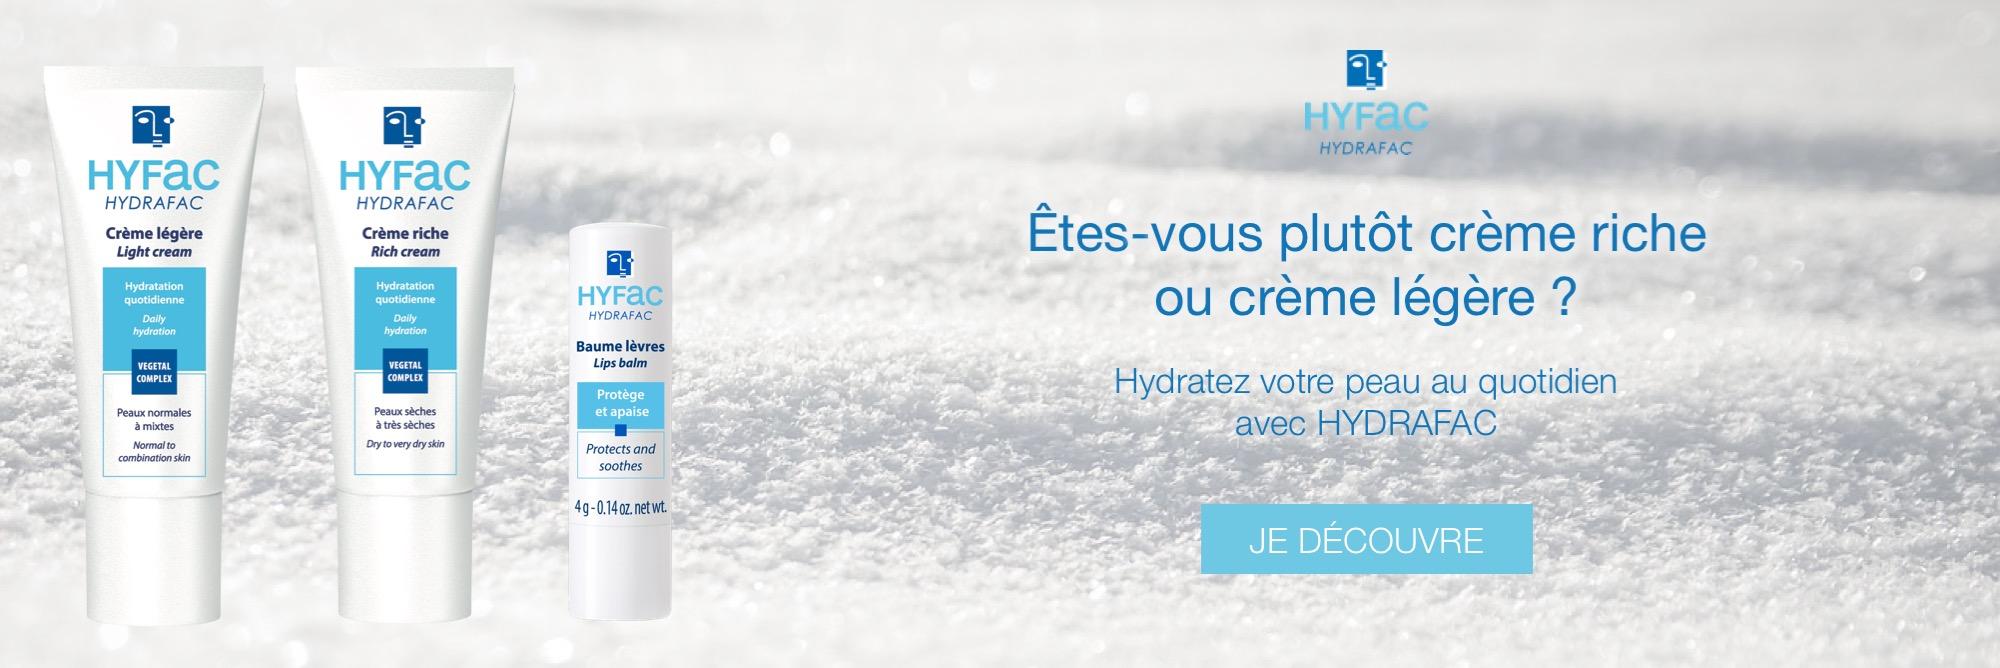 HYDRAFAC soin hydratant